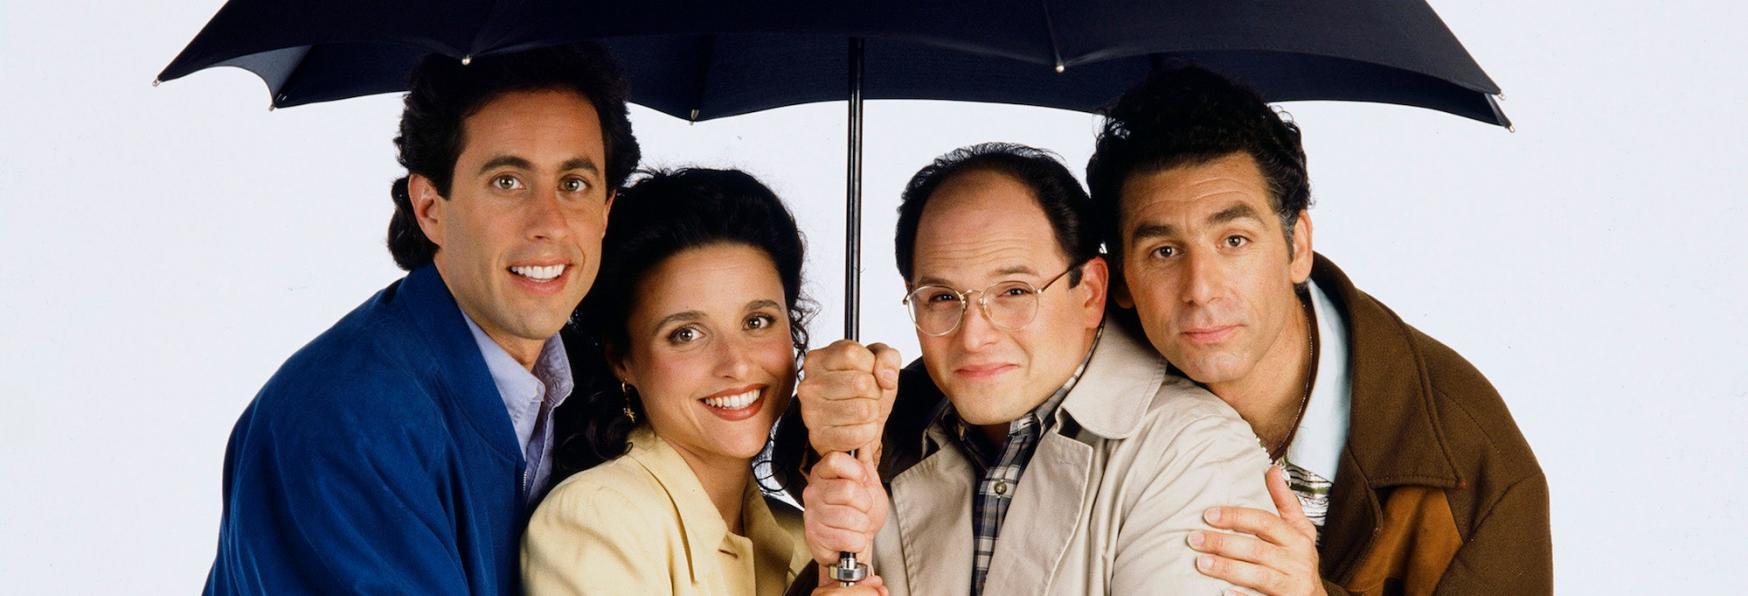 Seinfeld: Rilasciato il Trailer Ufficiale della Serie TV anni '90 che arriverà su Netflix